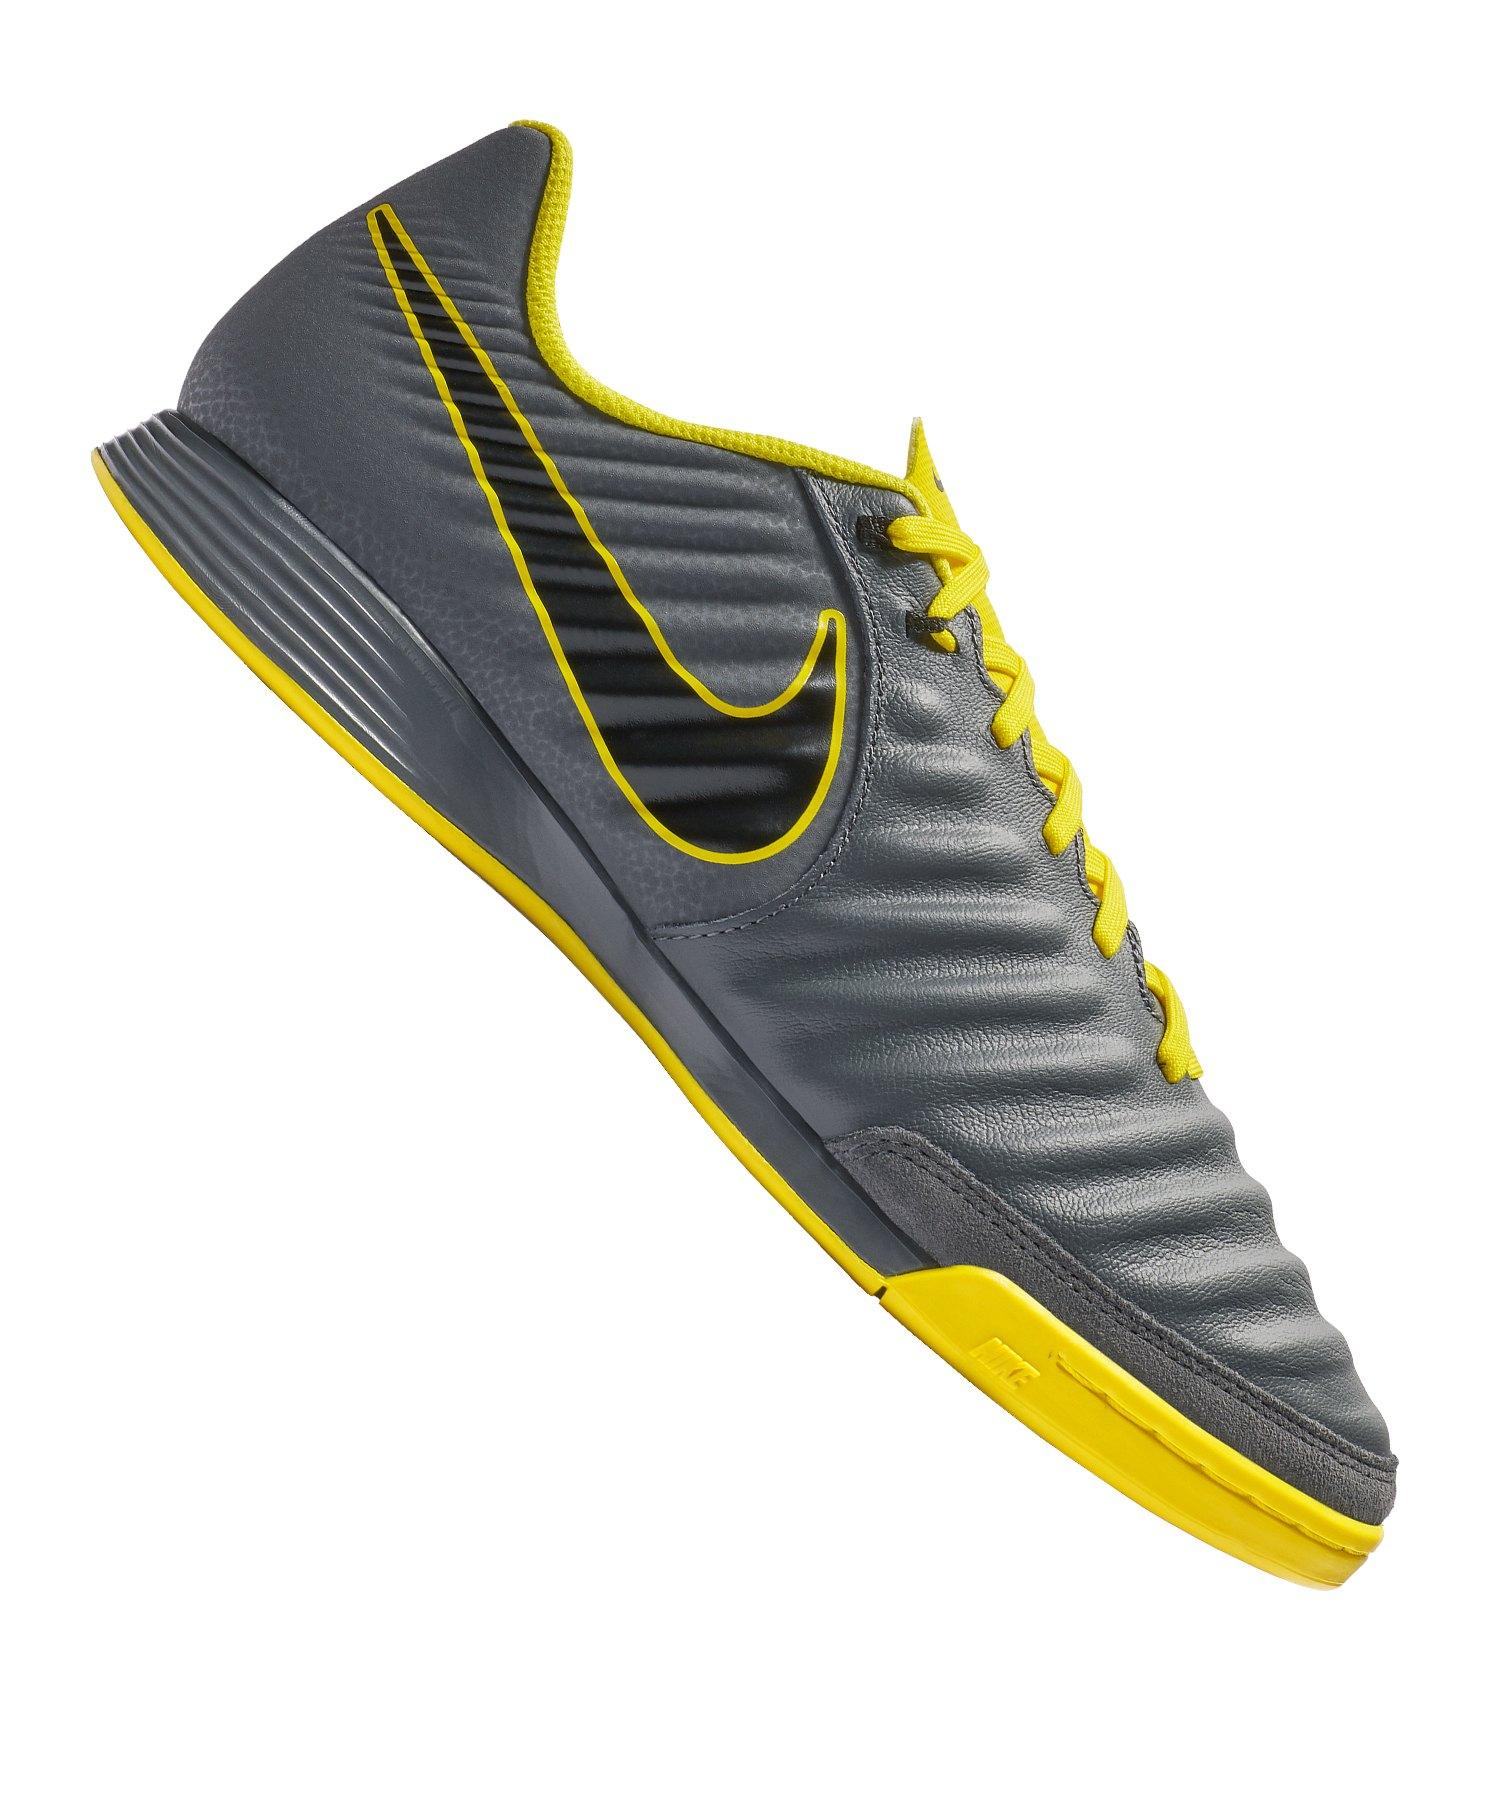 Nike Tiempo LegendX VII Academy IC Grau Gelb F070 - grau